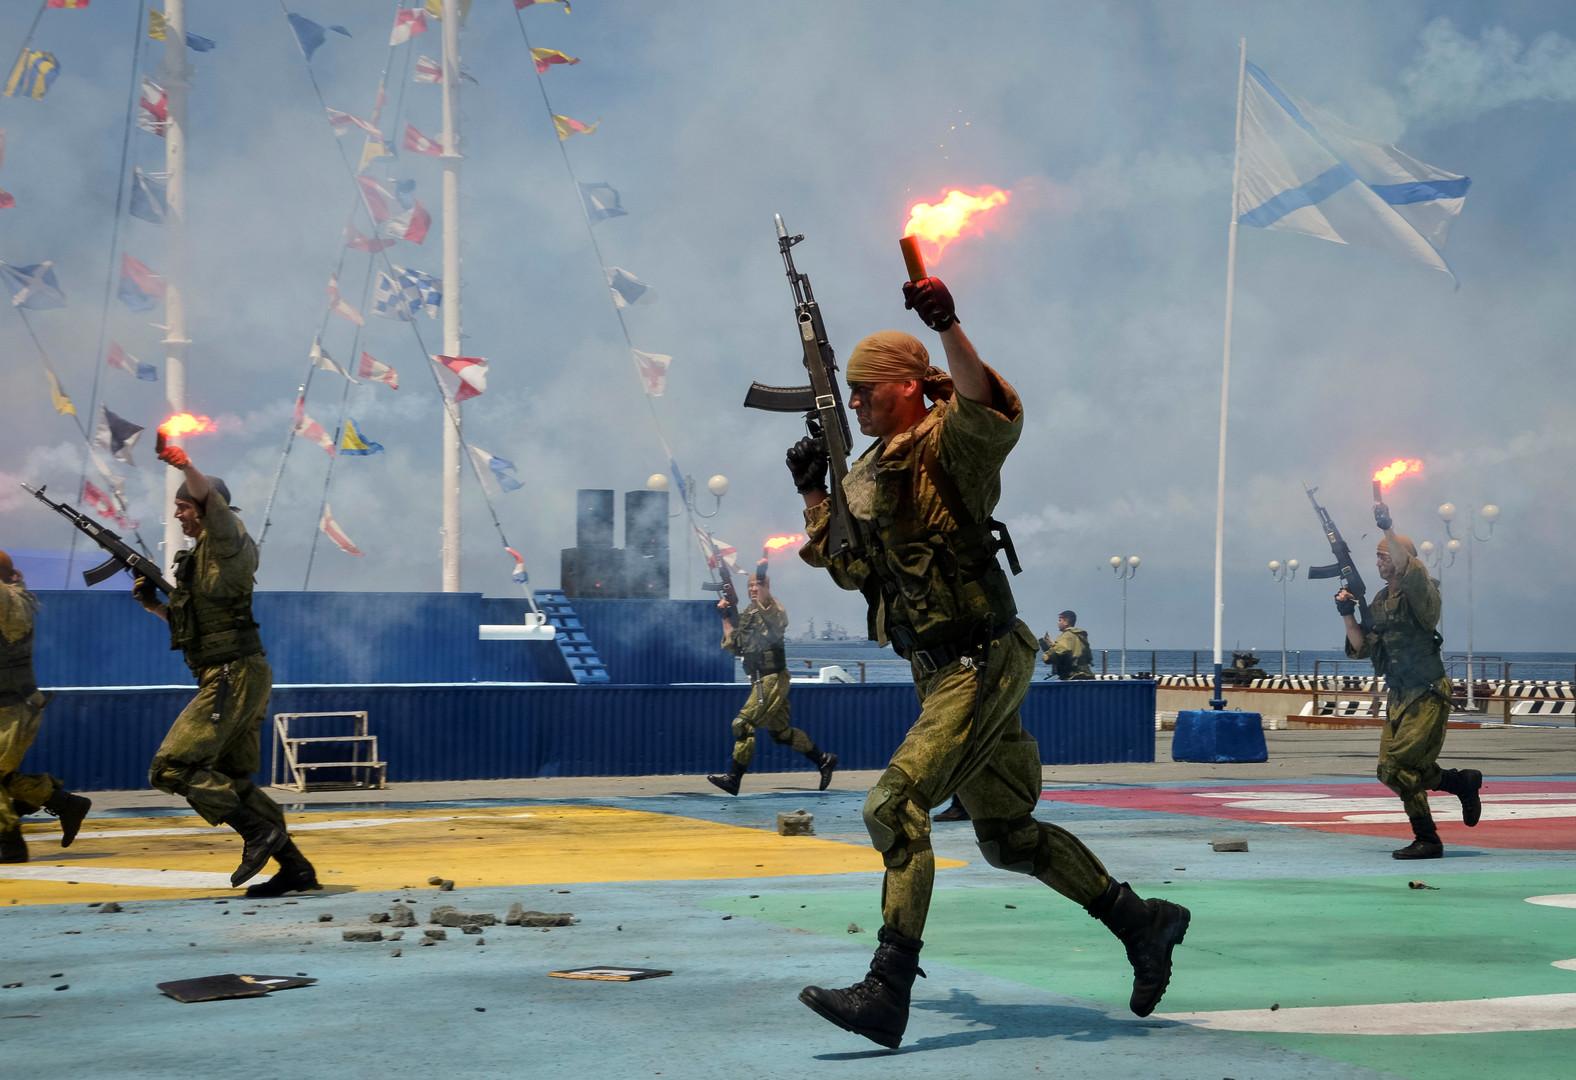 Военно-морской десант РФ принимает участие в репетиции парада ко Дню ВМФ во Владивостоке.